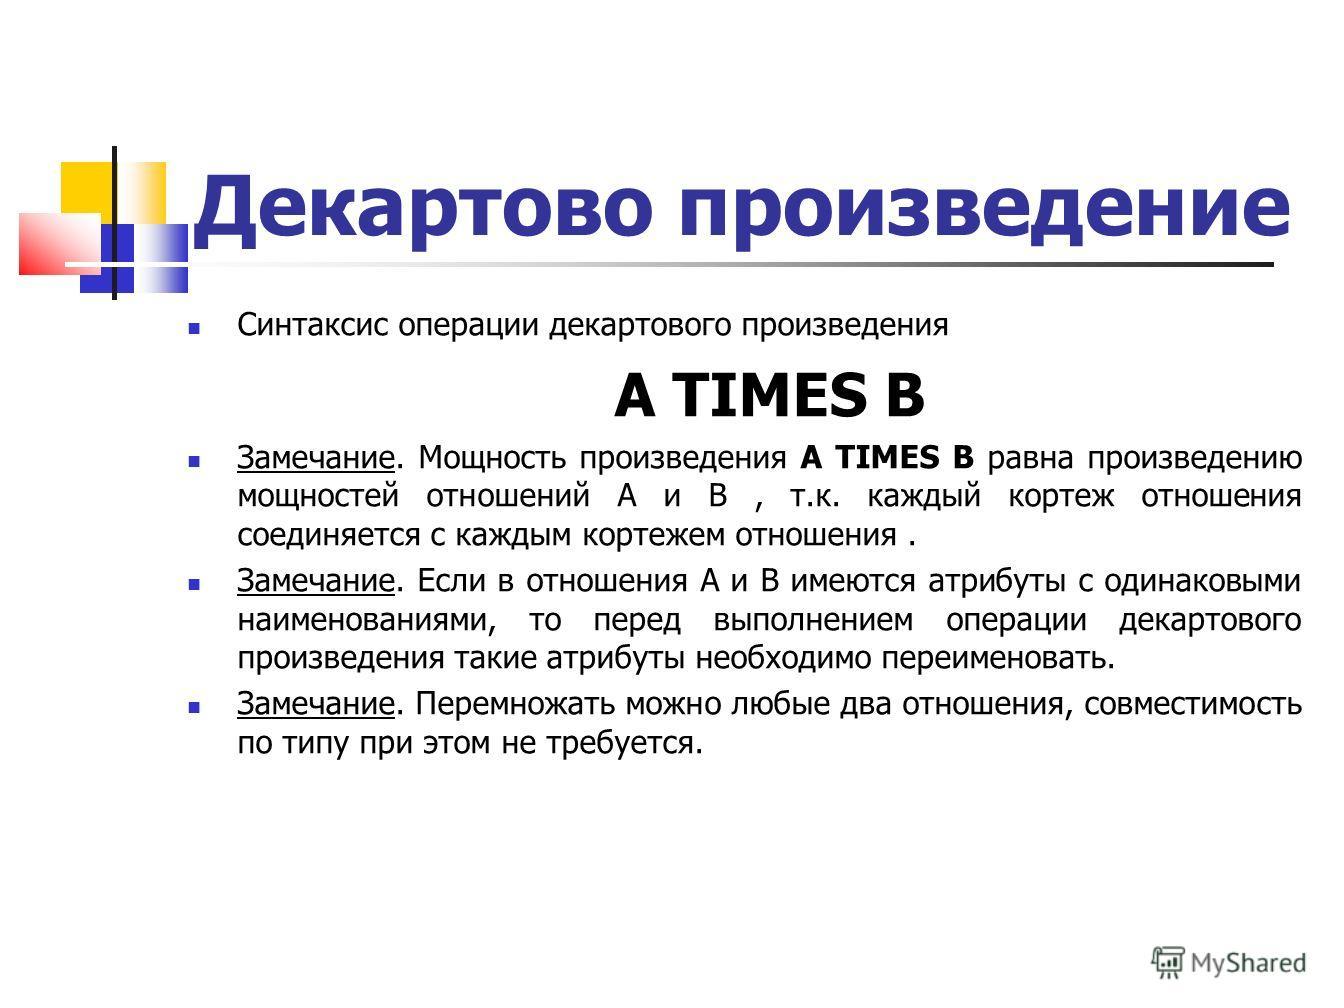 Декартово произведение Синтаксис операции декартового произведения A TIMES B Замечание. Мощность произведения A TIMES B равна произведению мощностей отношений A и B, т.к. каждый кортеж отношения соединяется с каждым кортежем отношения. Замечание. Есл